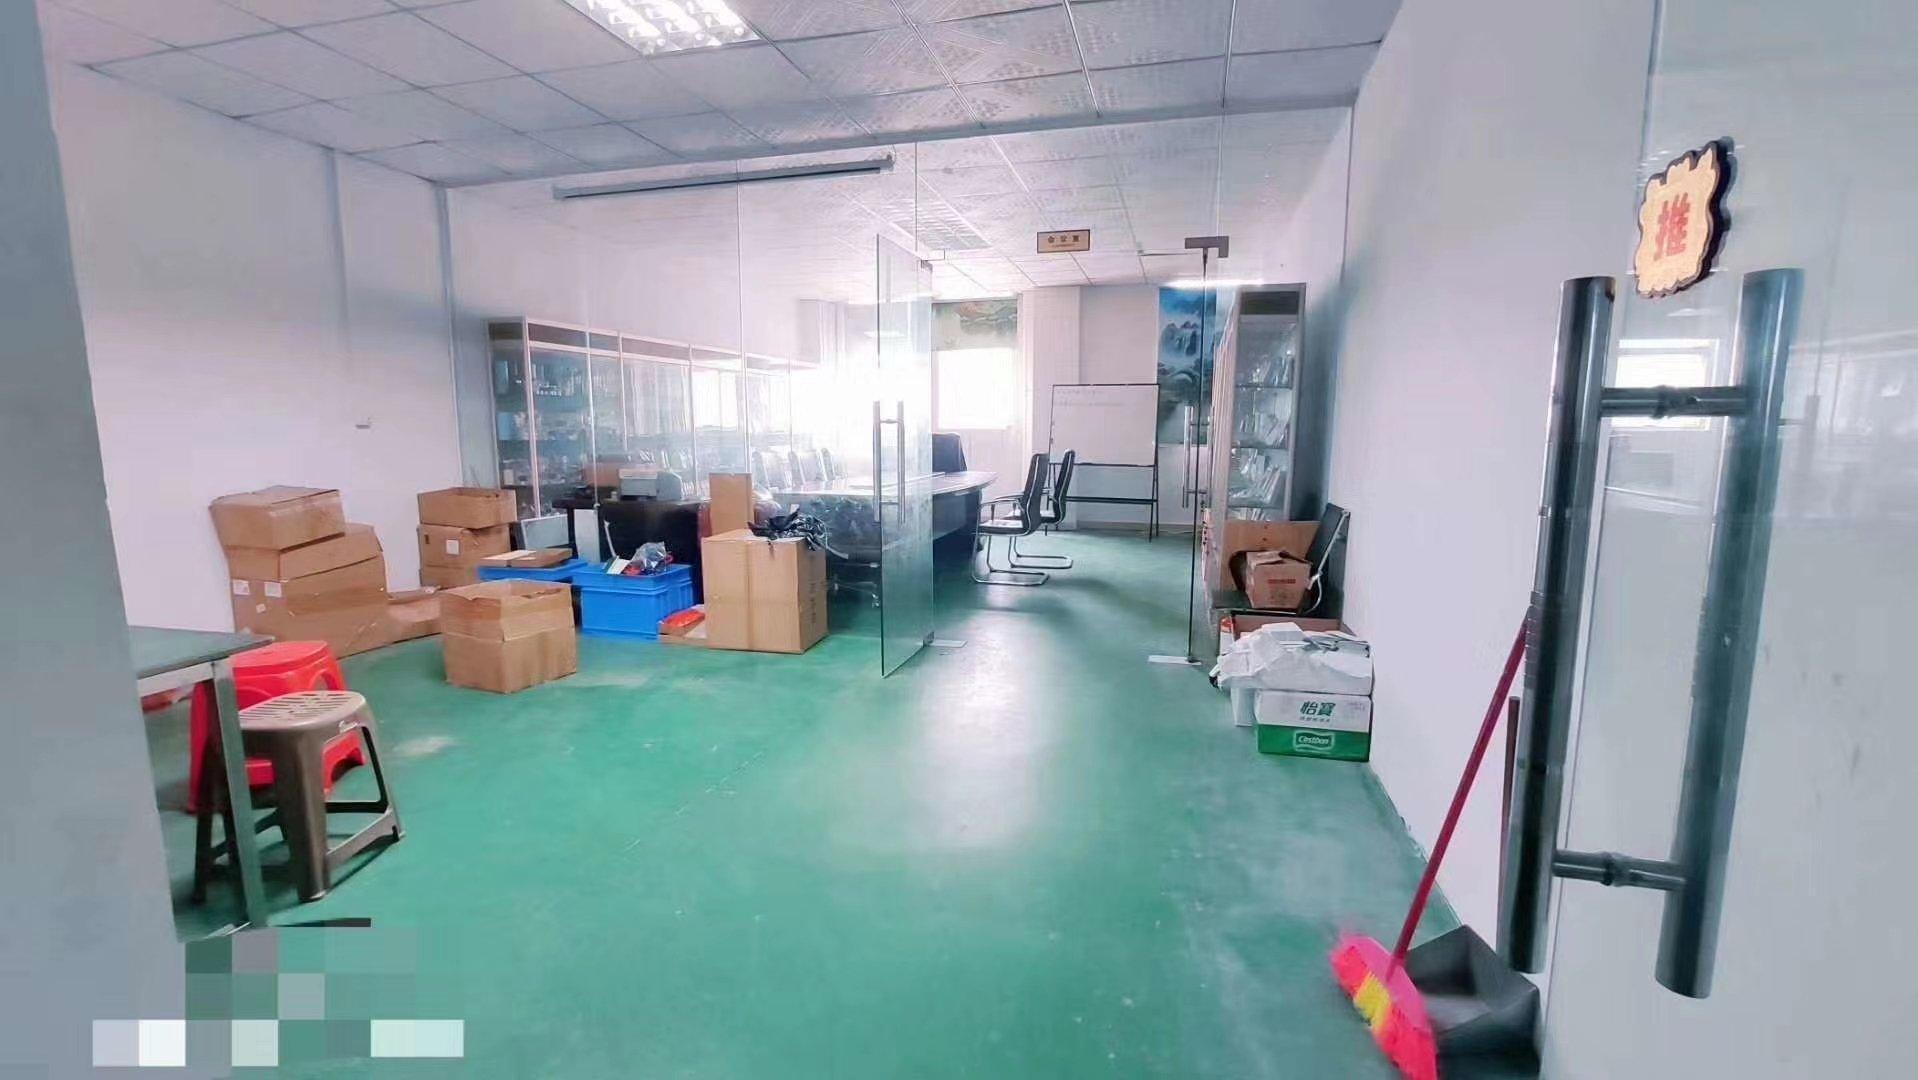 优质厂房出租价格18元 现成豪华办公室+仓库